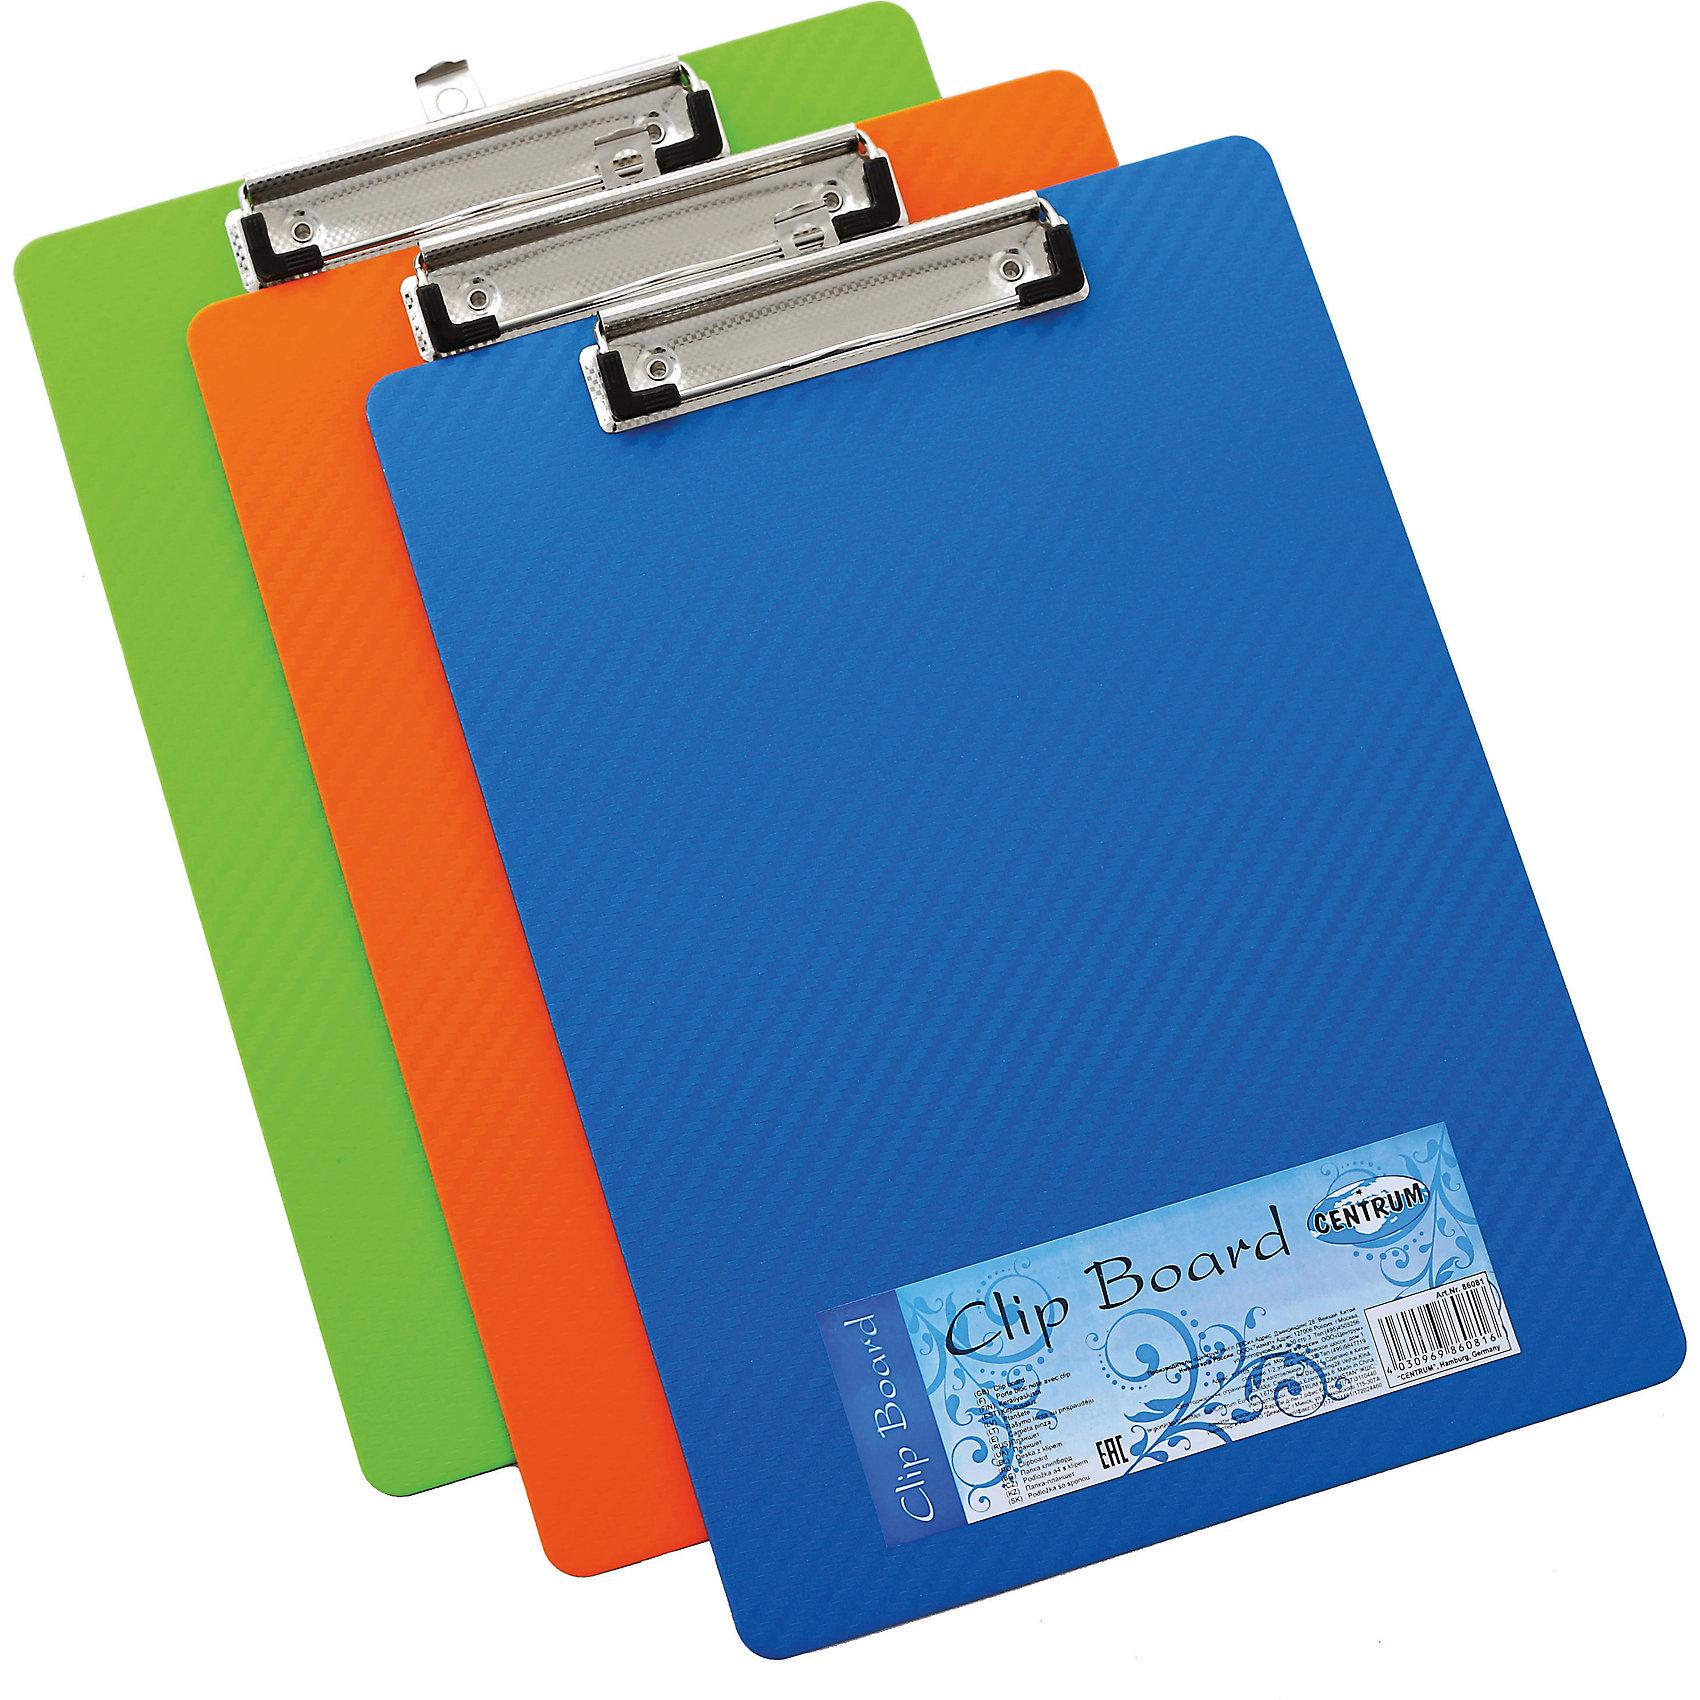 Centrum Папка-планшет A4, с зажимом Carbon, ассортиПапки для тетрадей<br>Папка-планшет, под формат A4. Металлический зажим надежно фиксирует листы. Толщина пластика 3 мм. Серия Carbon, цвета ассорти<br><br>Ширина мм: 15<br>Глубина мм: 225<br>Высота мм: 315<br>Вес г: 170<br>Возраст от месяцев: 72<br>Возраст до месяцев: 2147483647<br>Пол: Унисекс<br>Возраст: Детский<br>SKU: 6846711